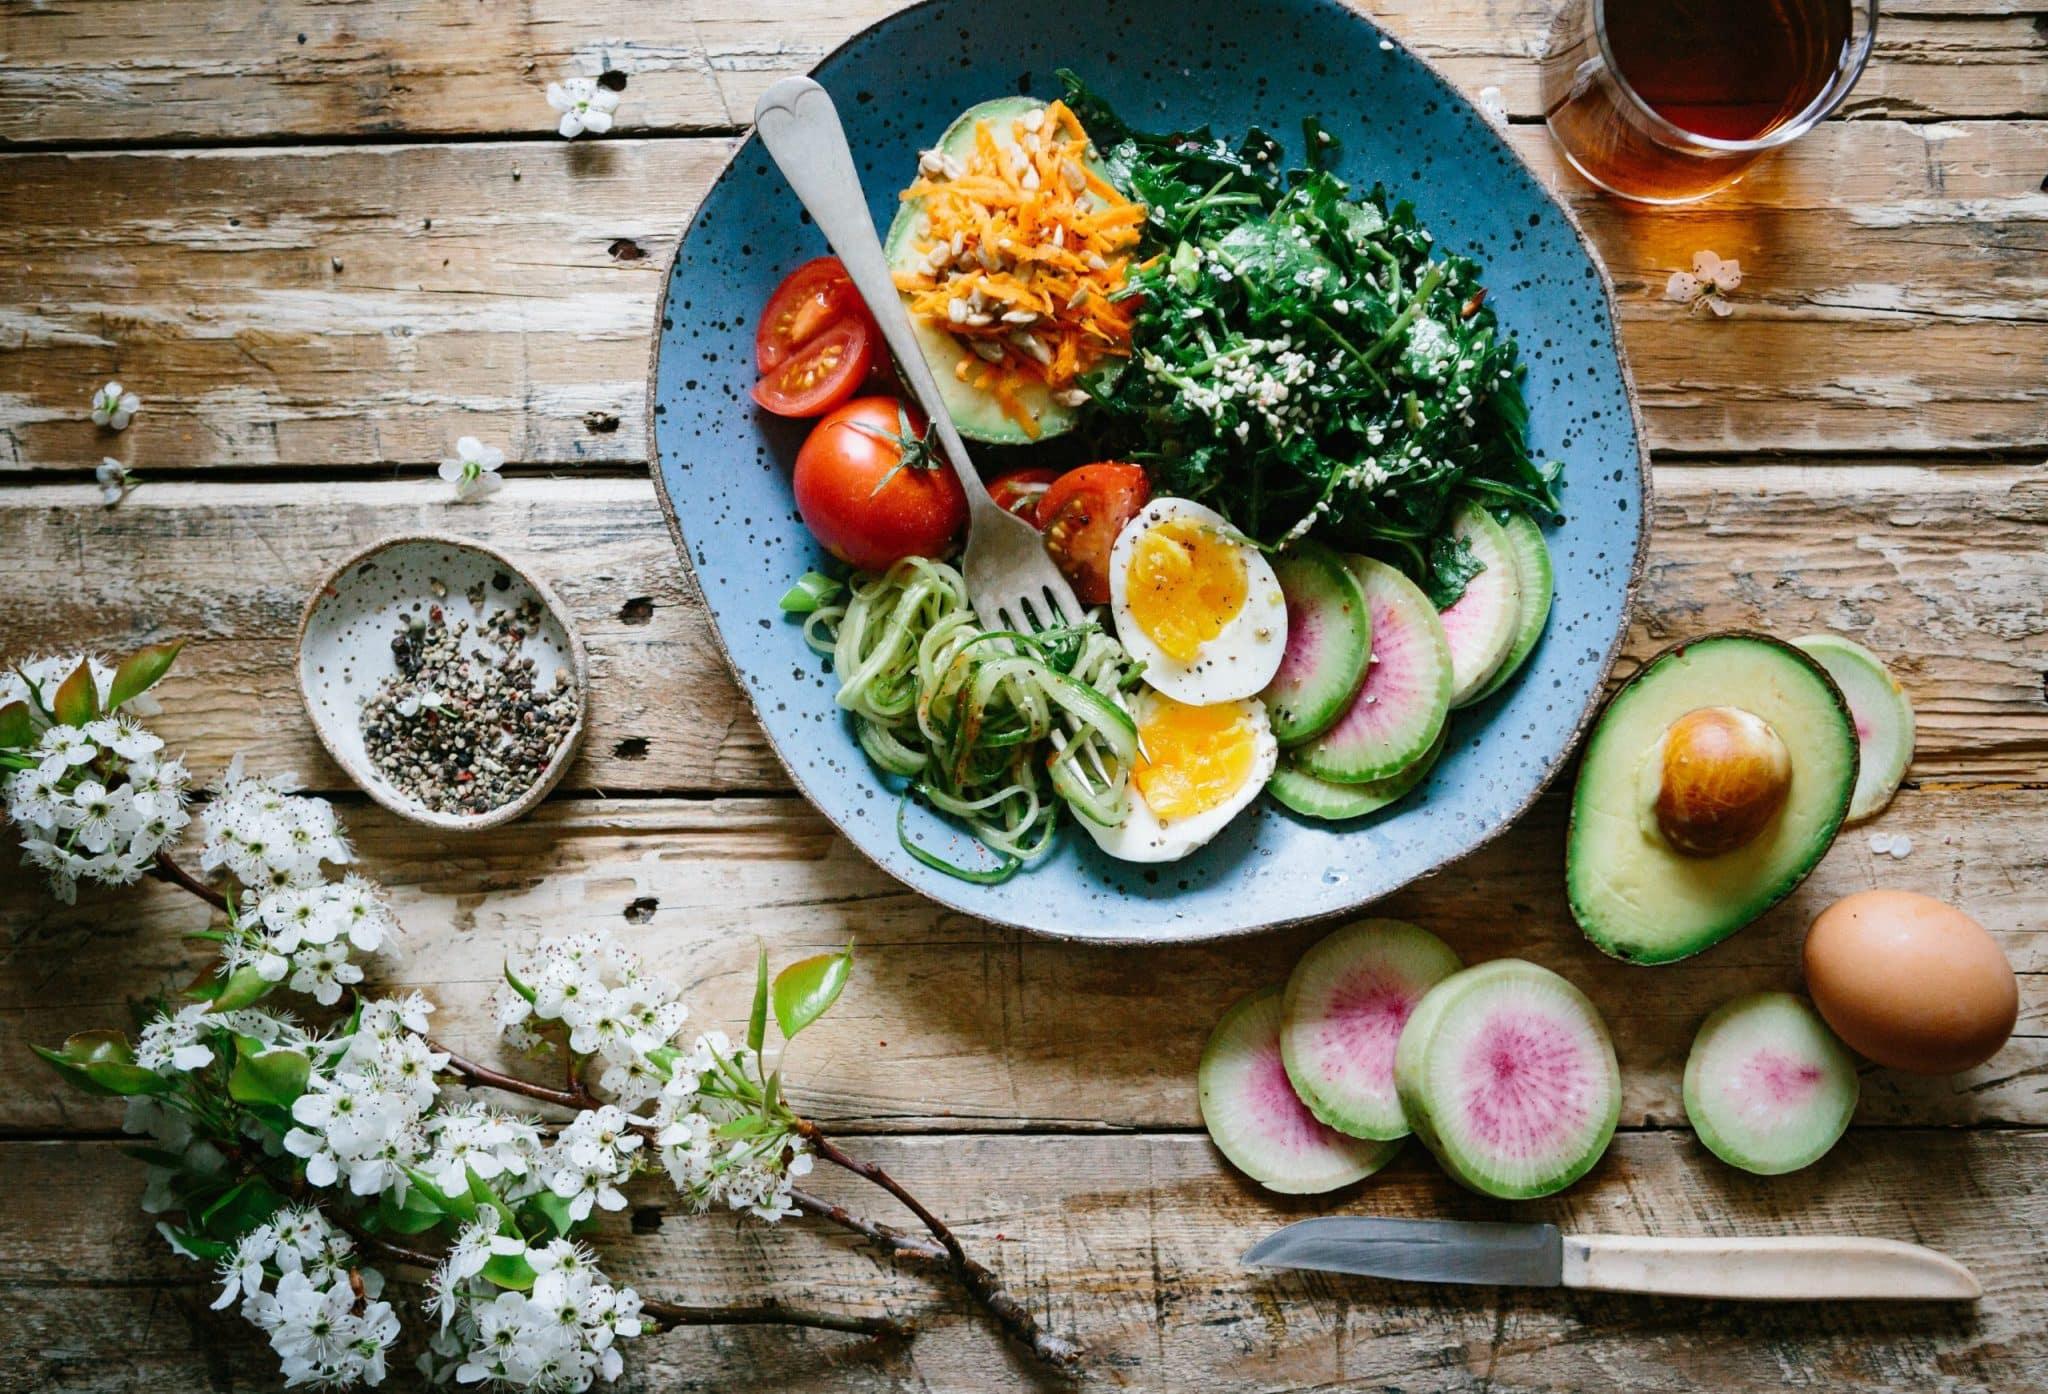 Healthy regimen #4. Avoid High-Carbs